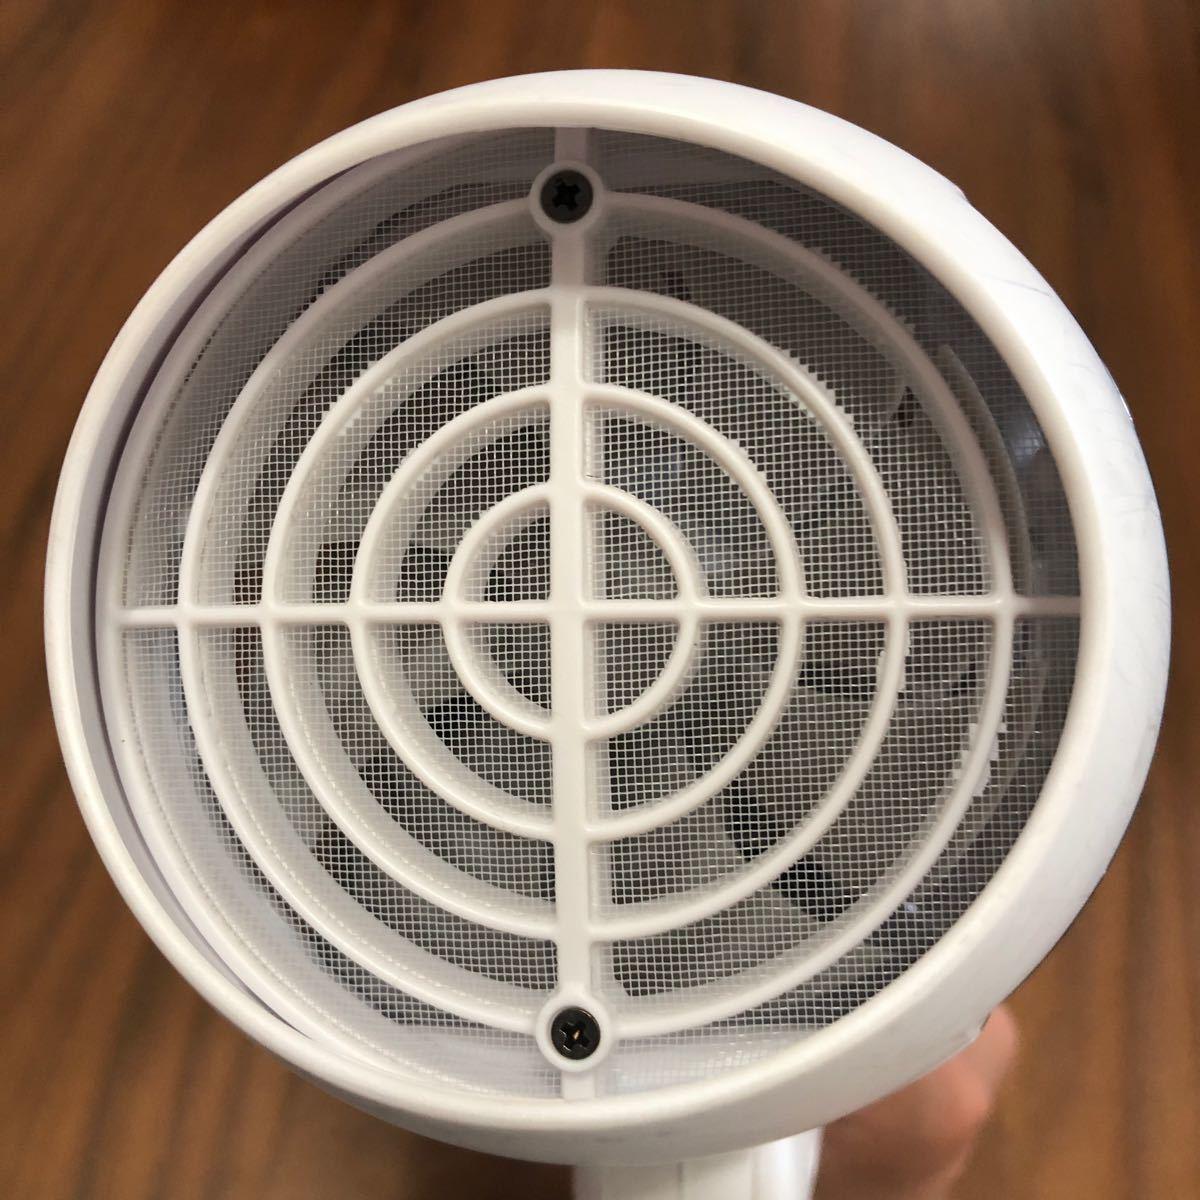 コイズミ ヘアードライヤー(ホワイト)MONSTERダブルファンドライヤー マイナスイオン KHD-W730-Wスカルプ機能付き